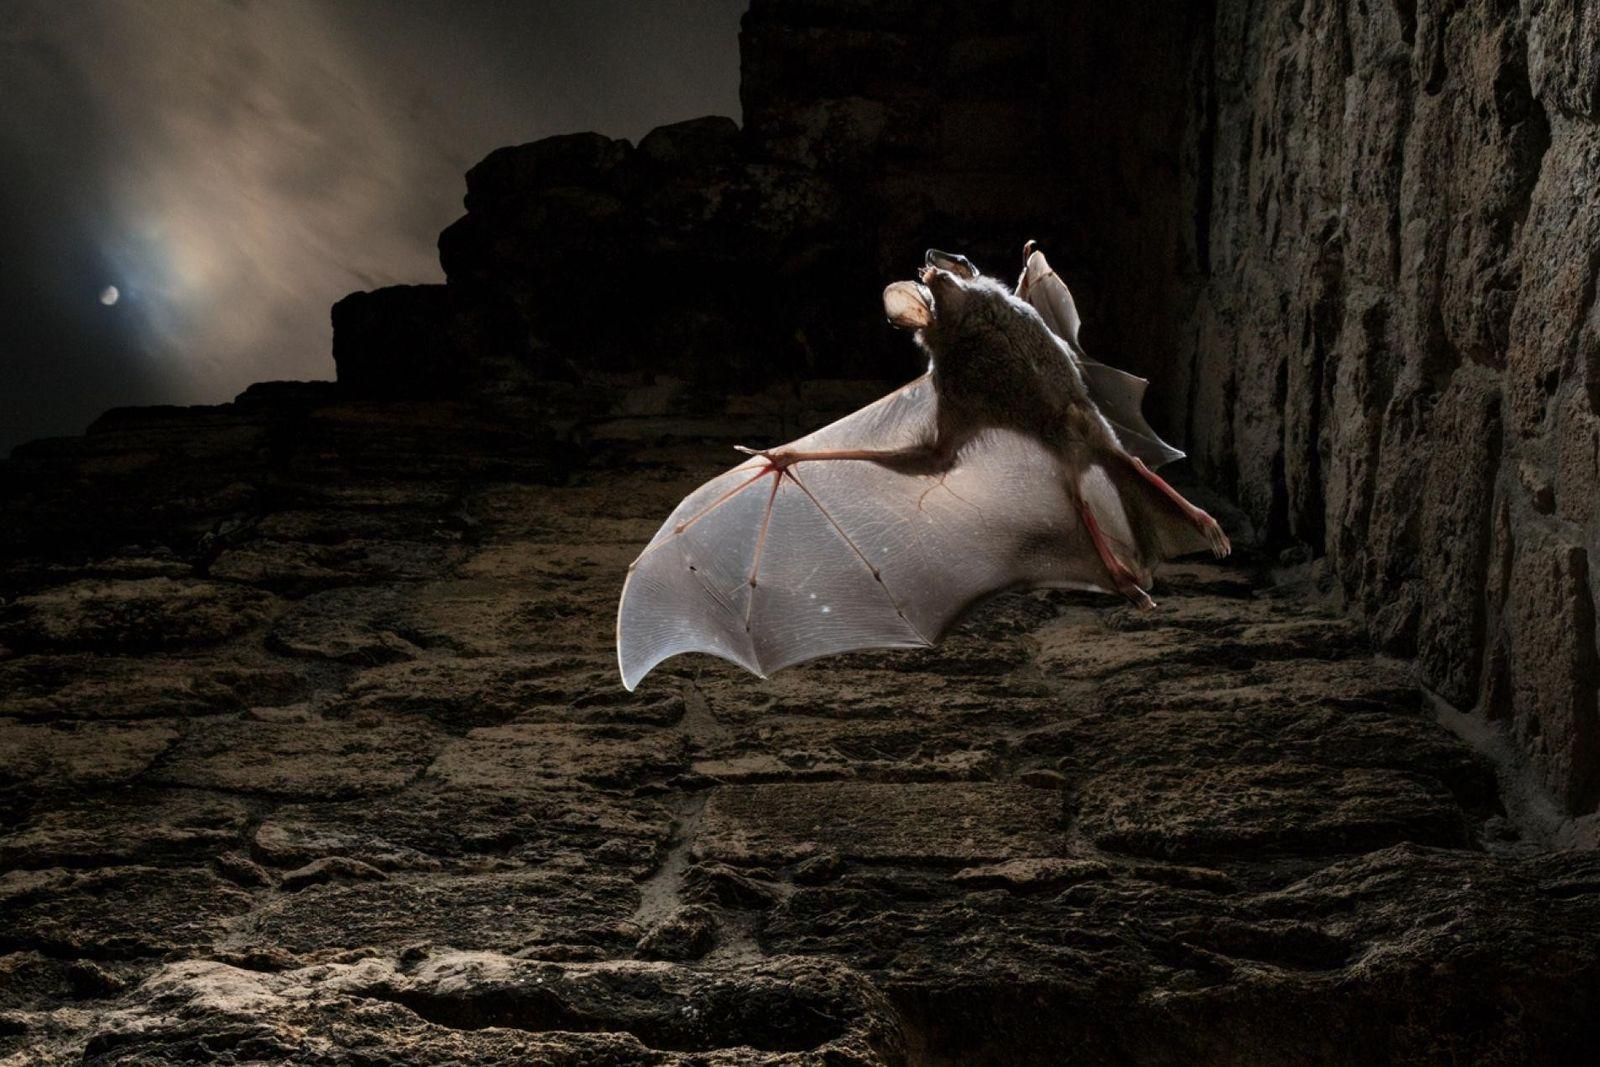 Un vampiro falso lanudo aletea bajo la luz de la luna. Su misión: obtener la cena. ...